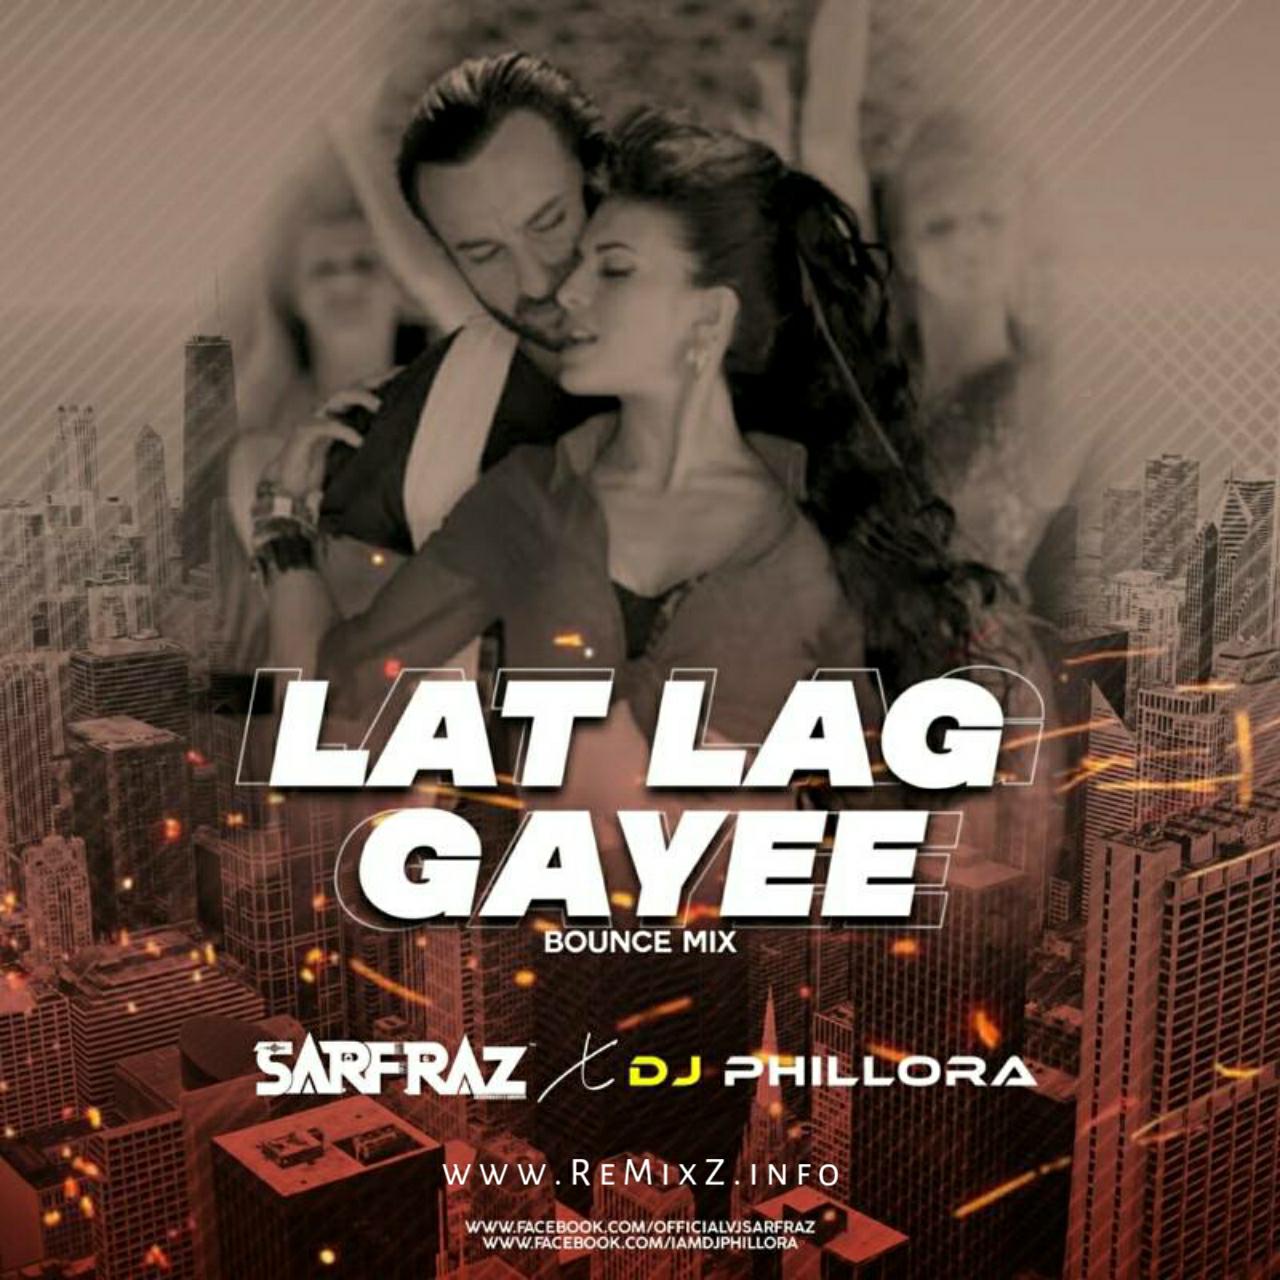 Lat-Lag-Gayee-Bounce-Mix-SARFRAZ-x-DJ-Phillora.jpg